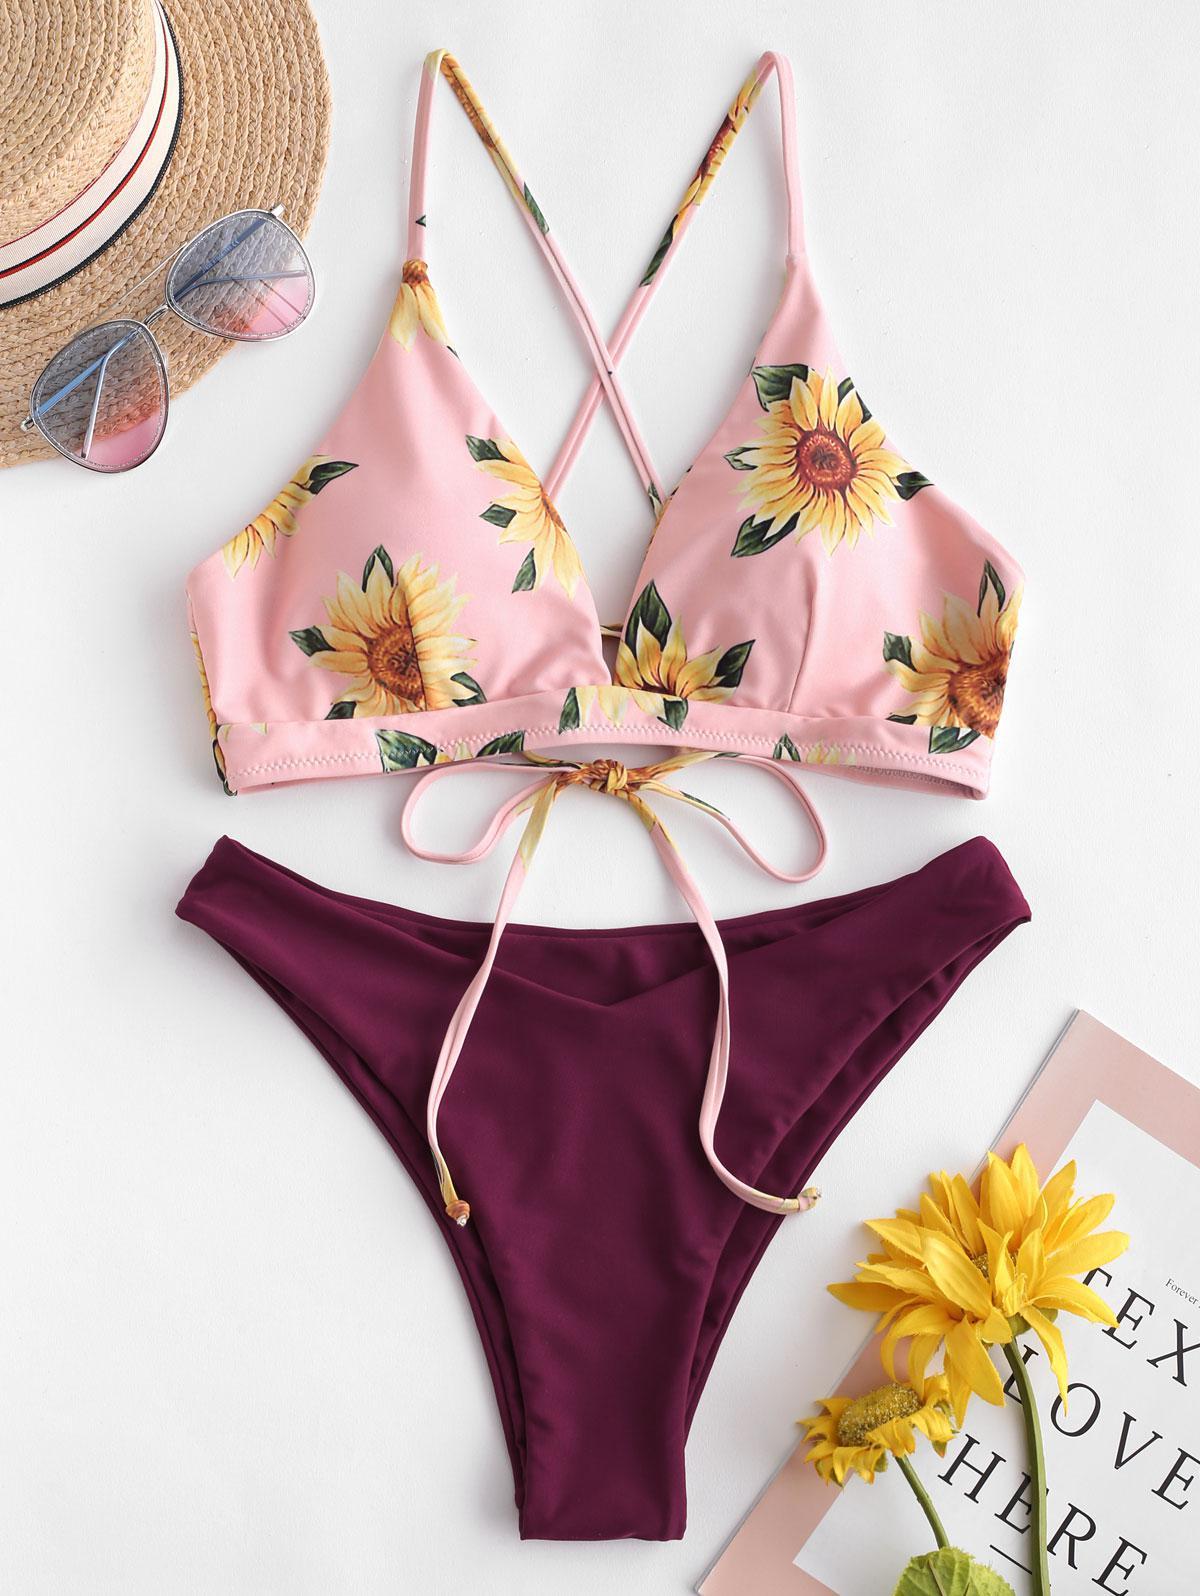 ZAFUL Sunflower Criss Cross Bikini Set thumbnail